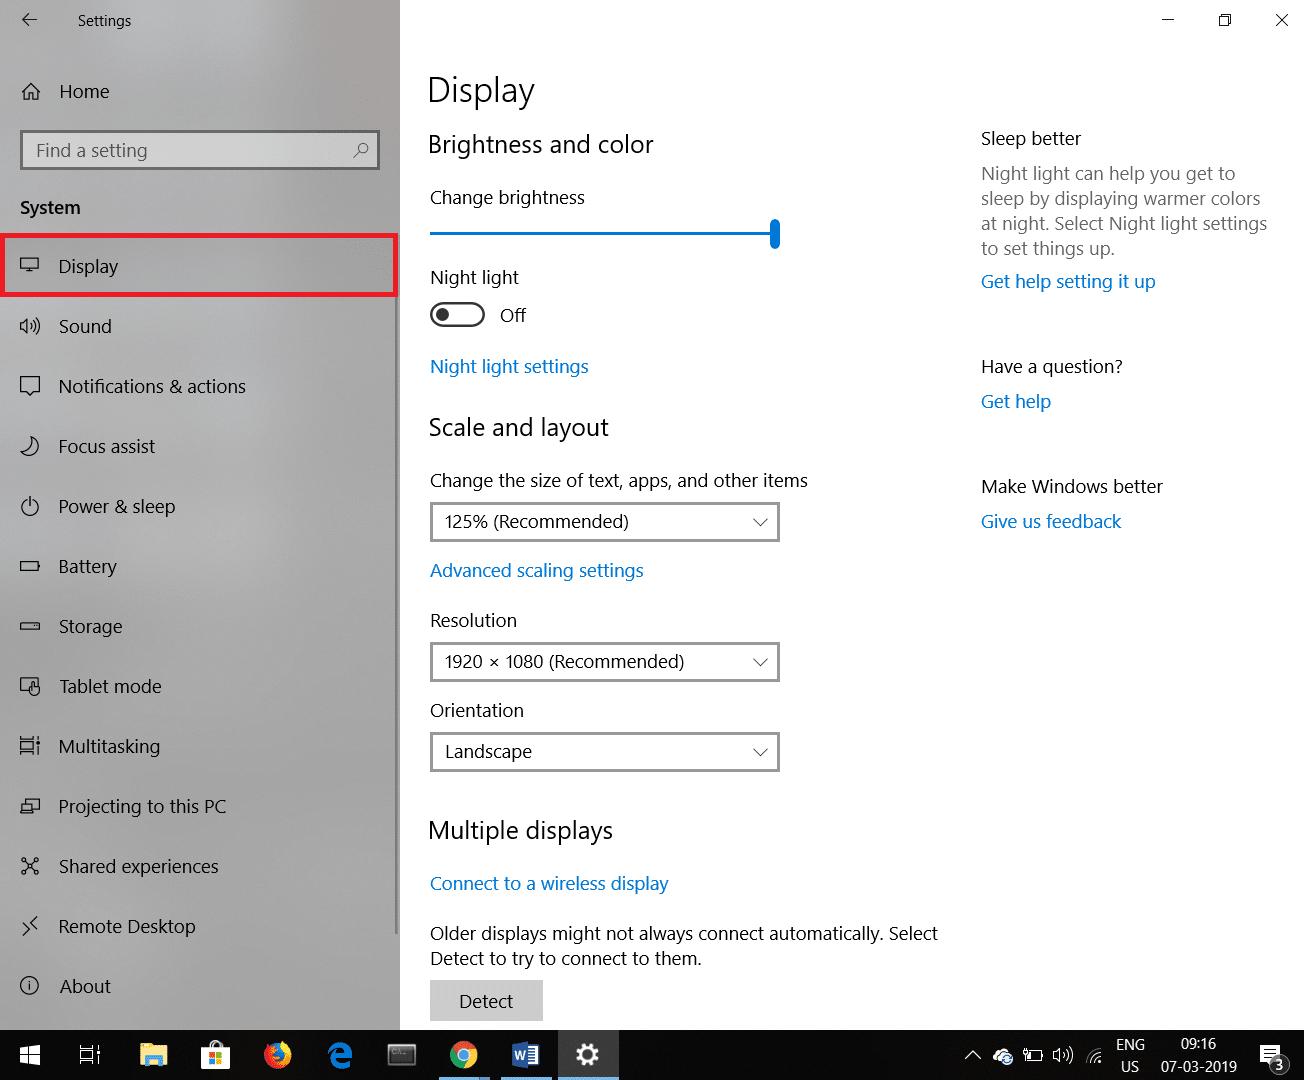 Now select Display Tab